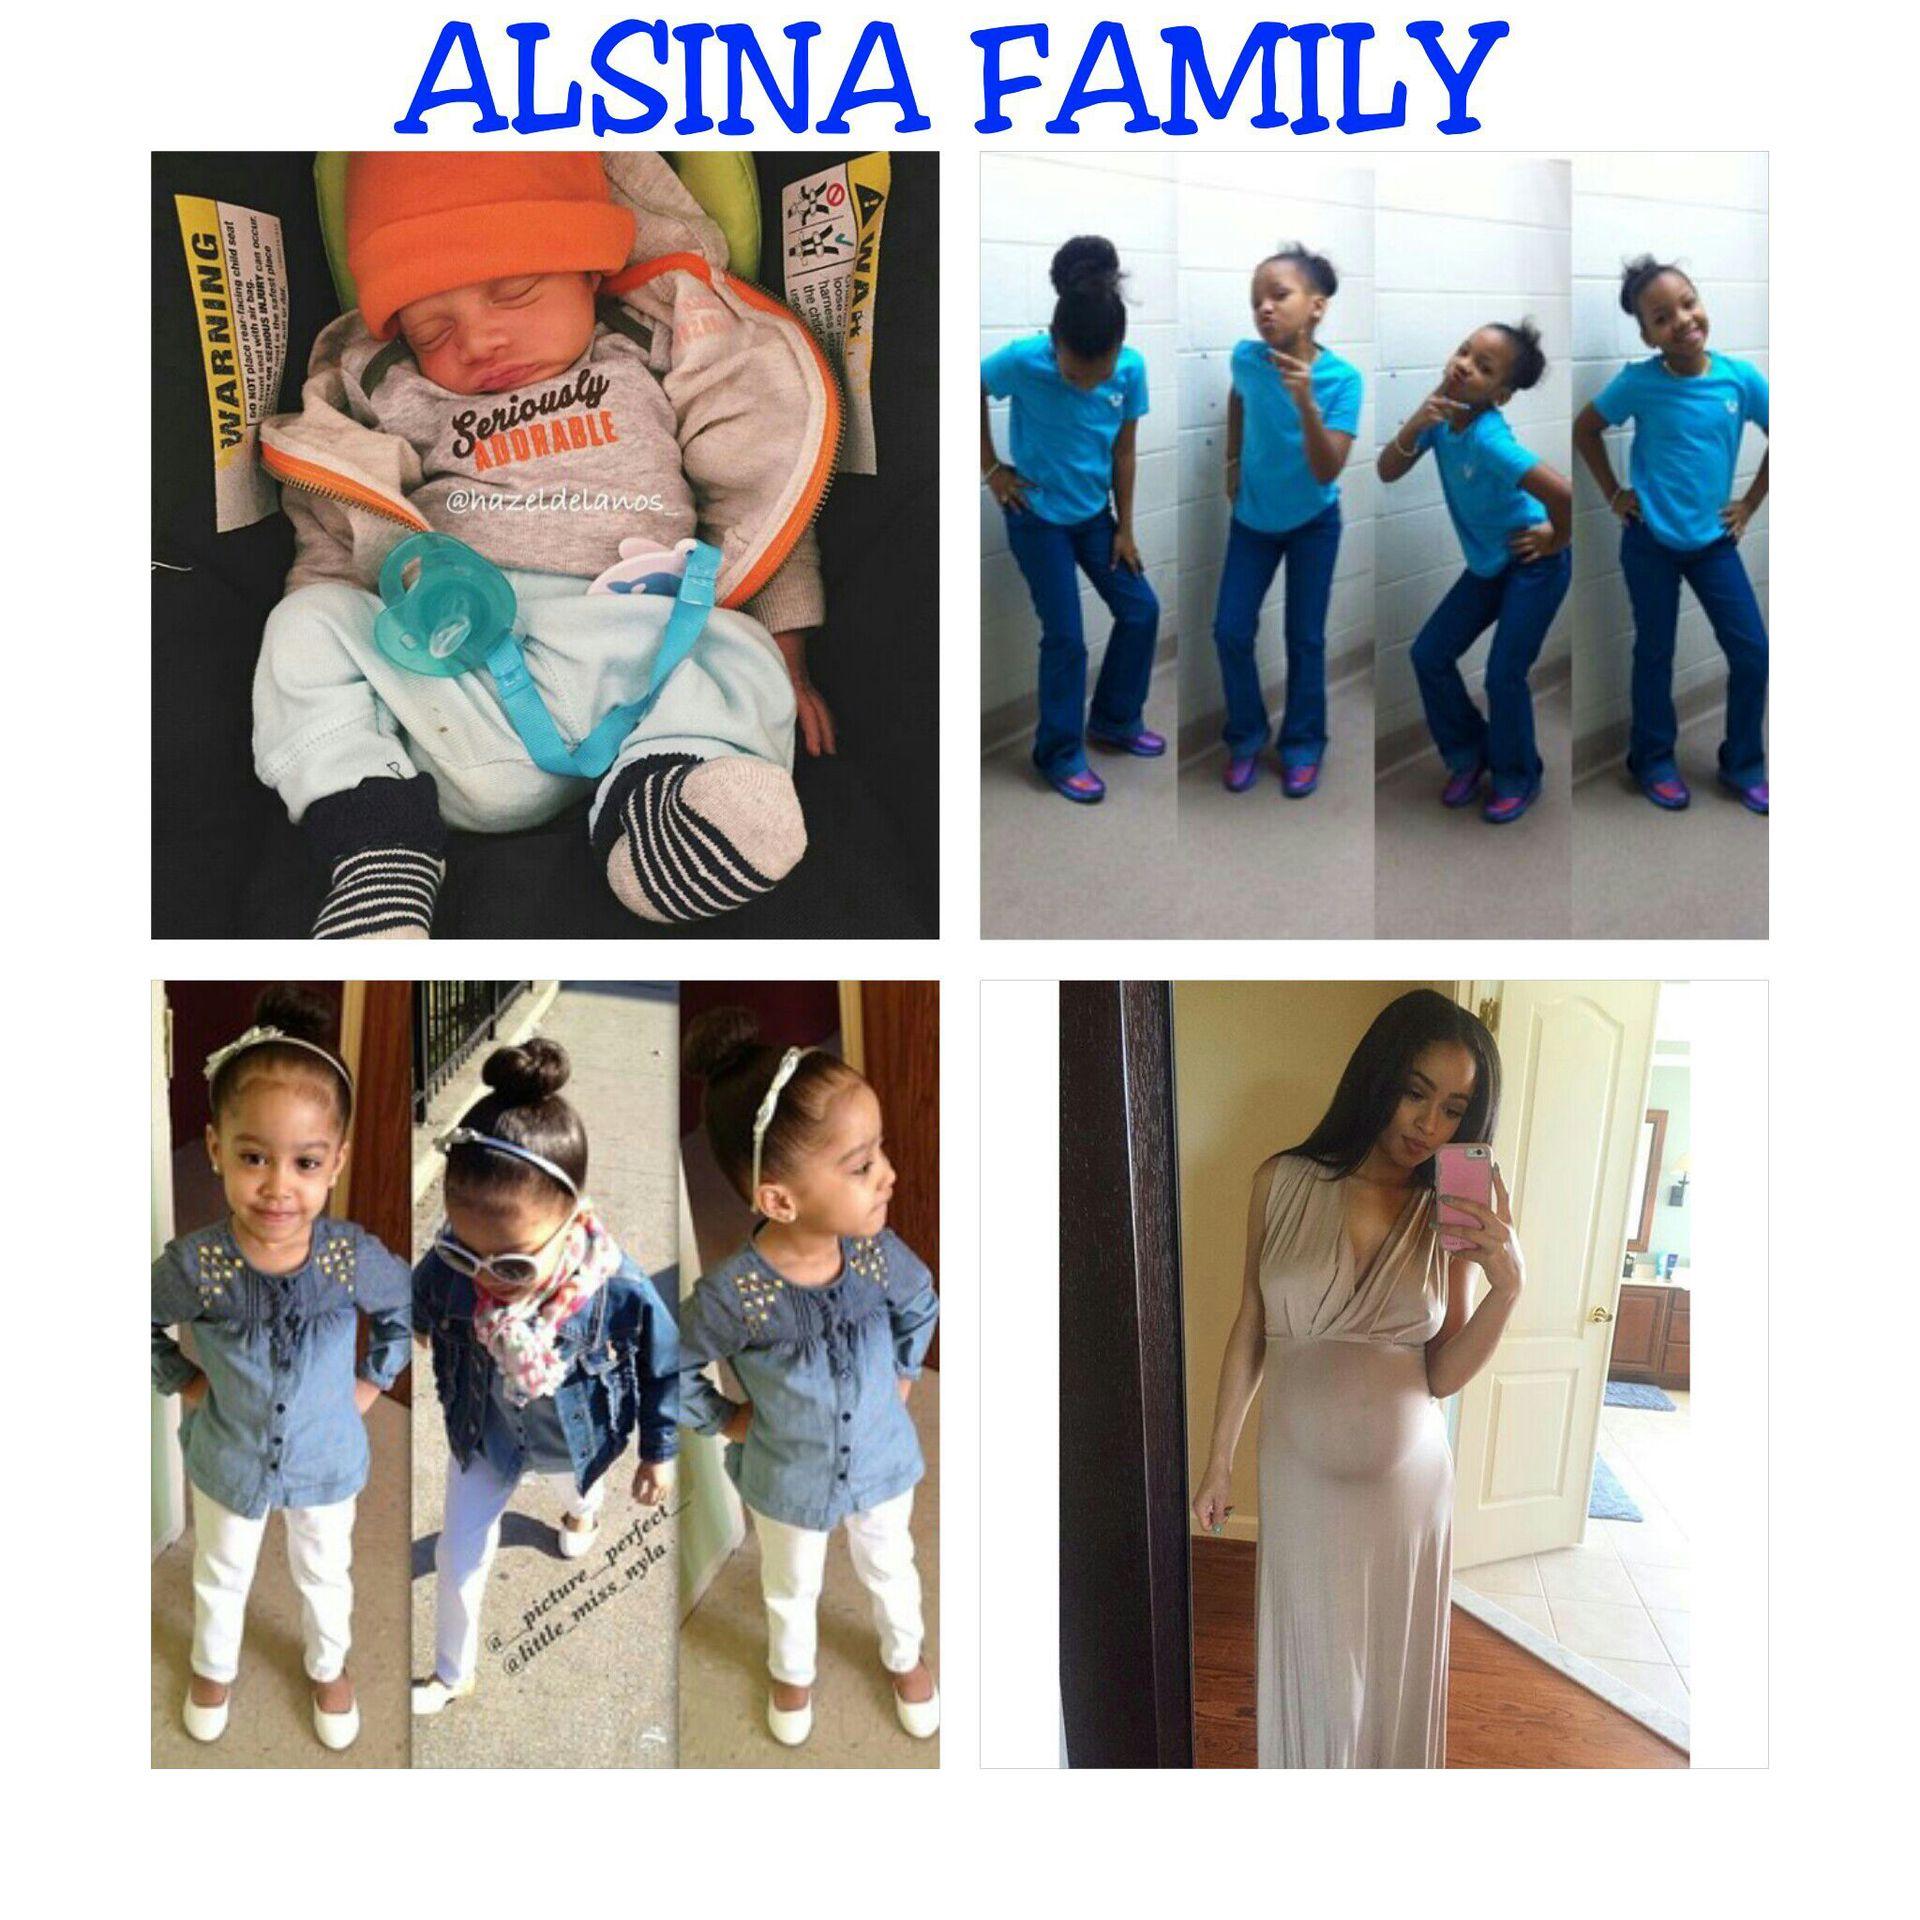 (August Alsina) Baby Mama - Fresh Start - Wattpad